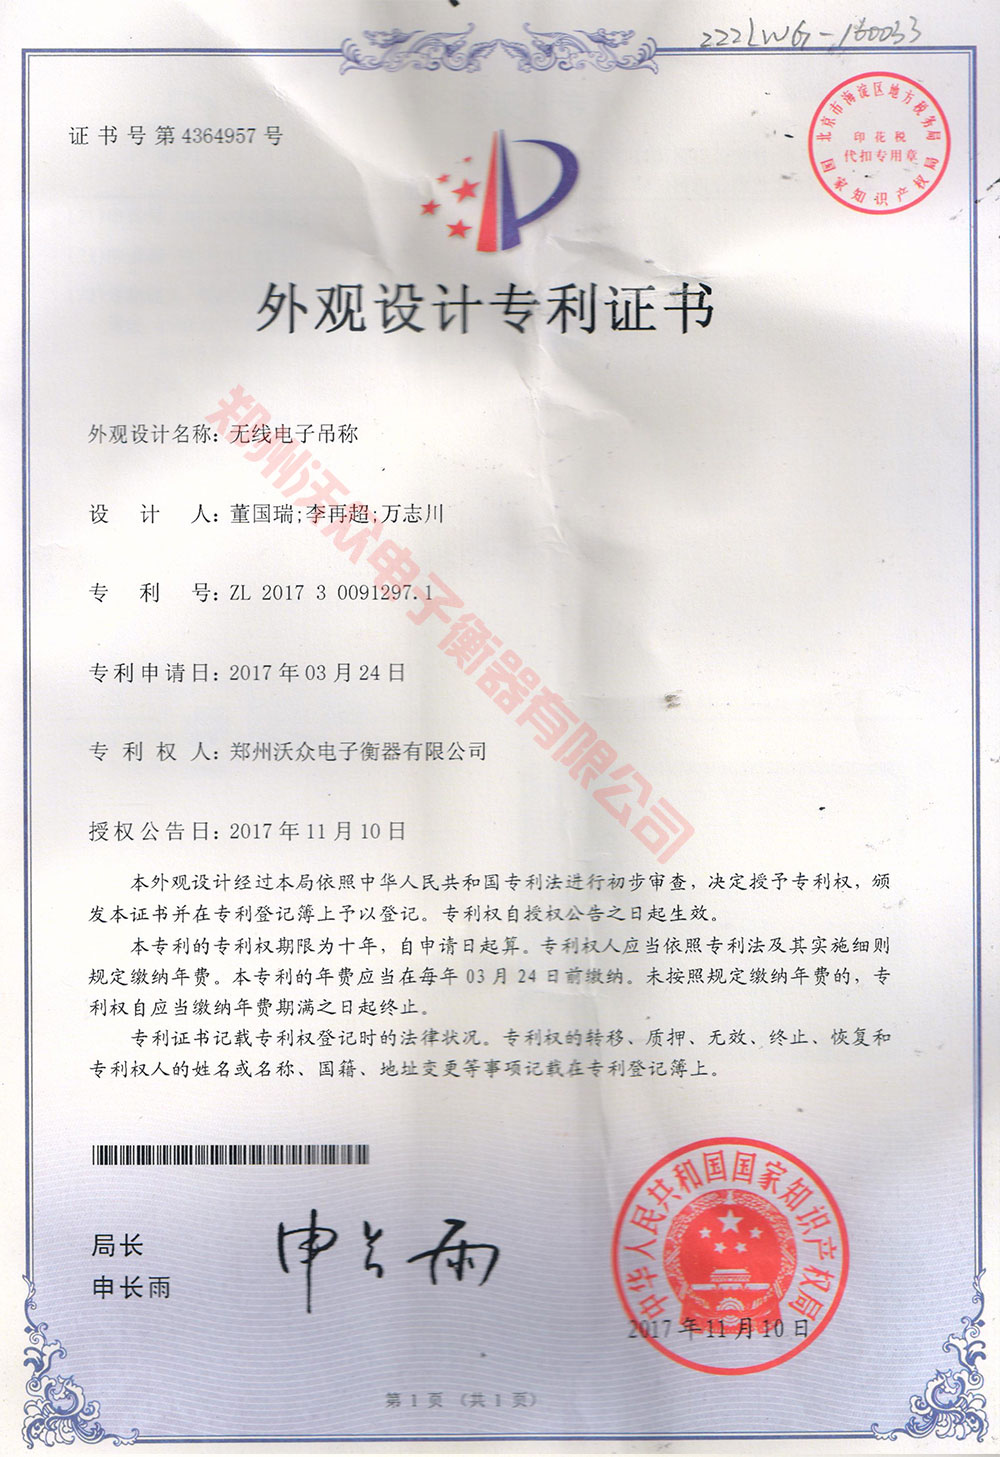 无线bob体育官方平台专利